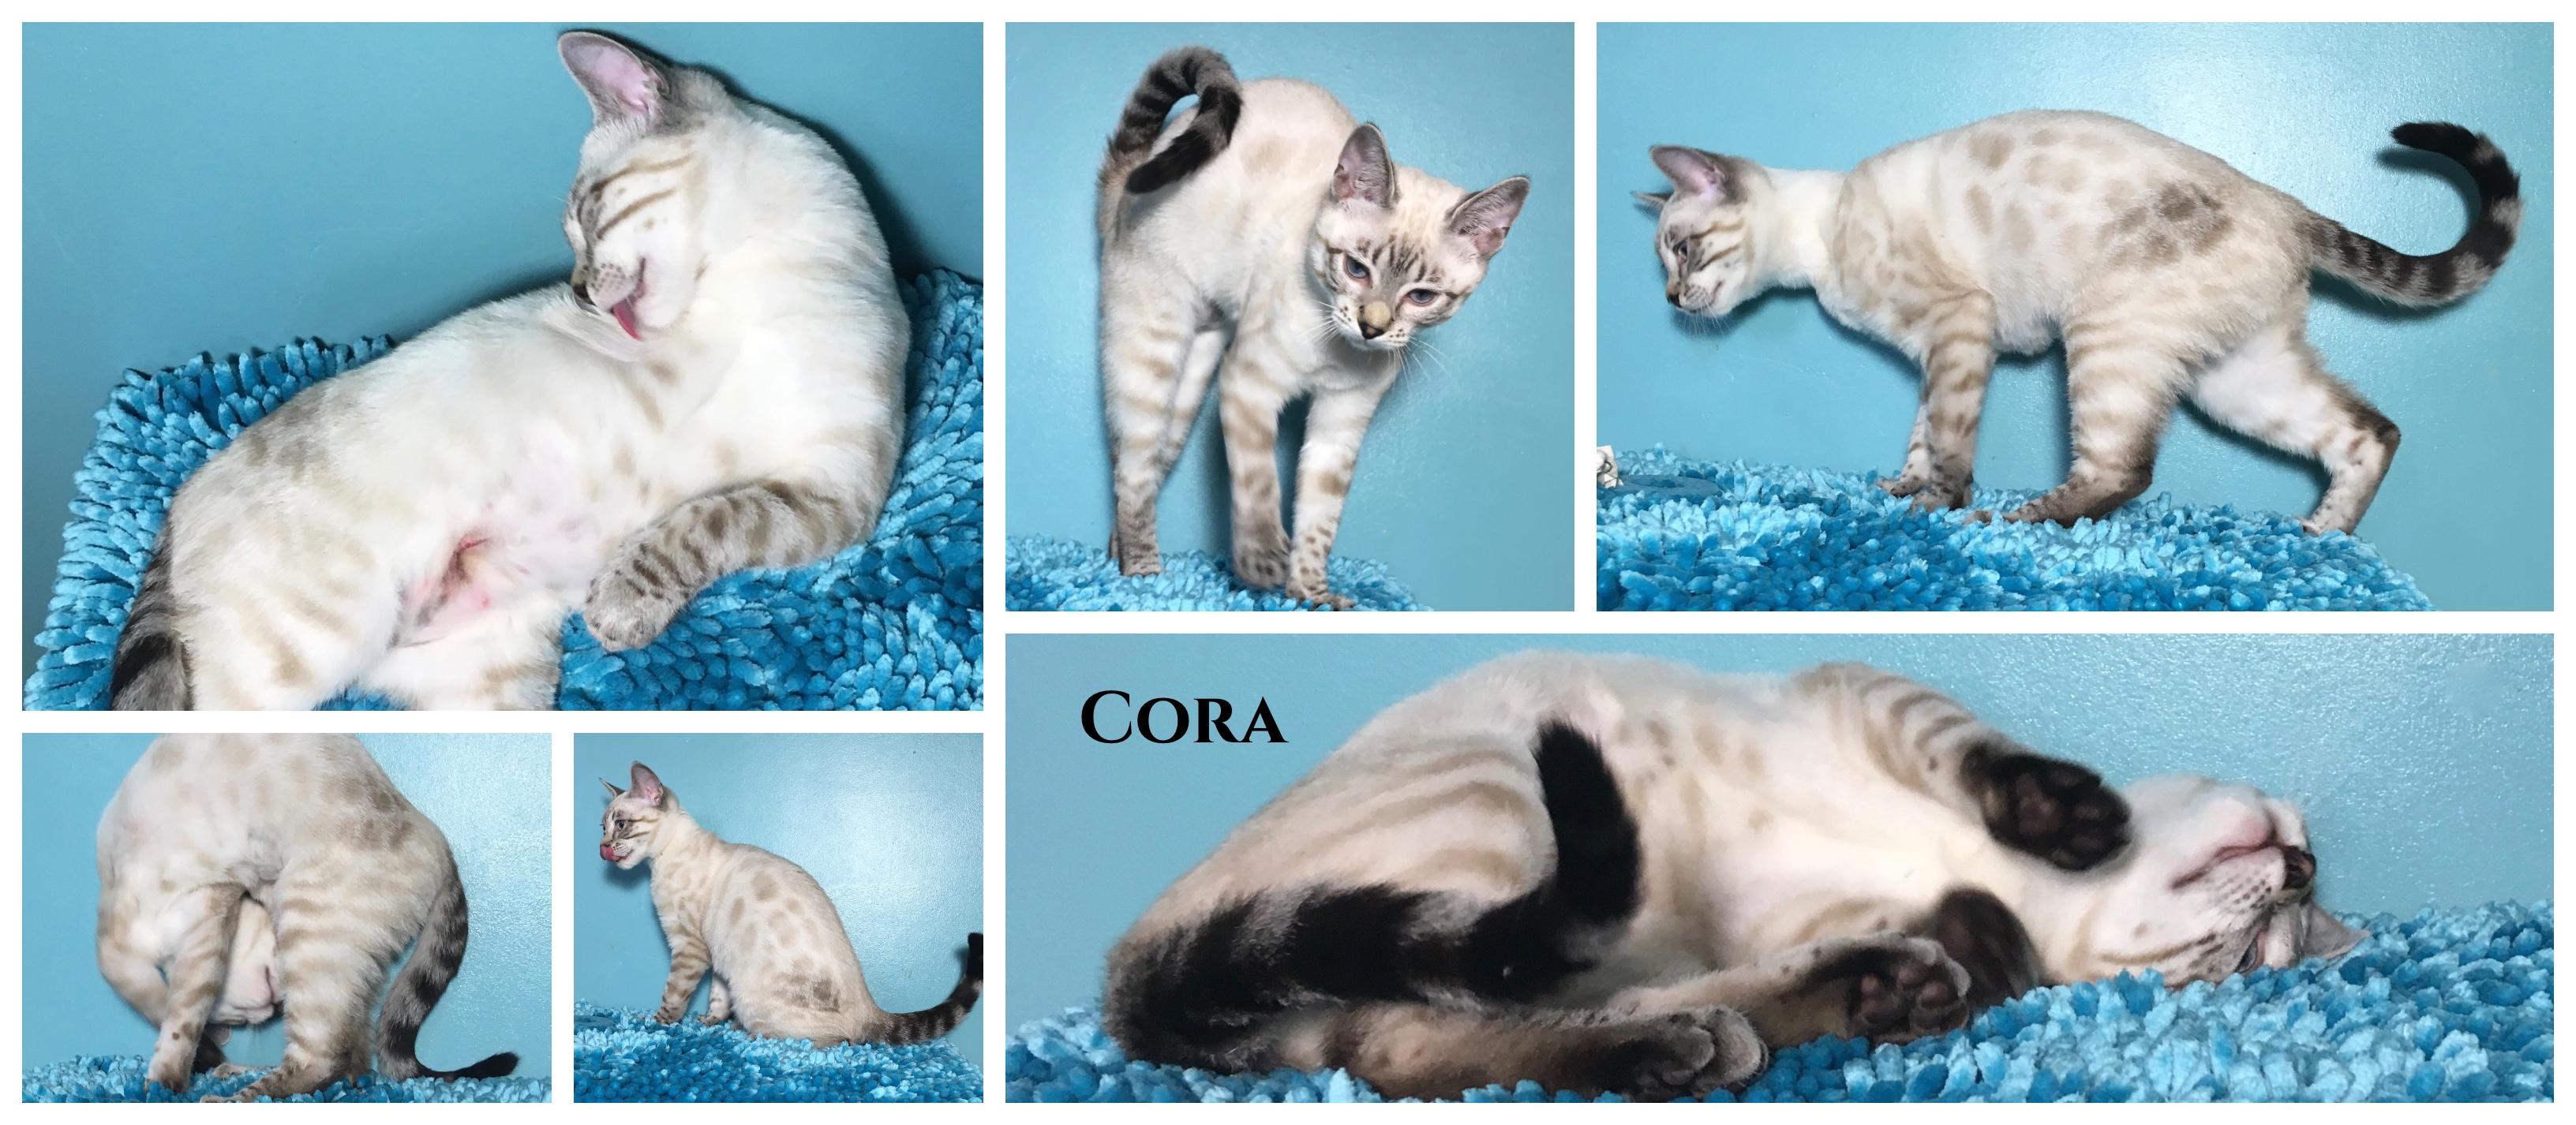 Cora 17 weeks